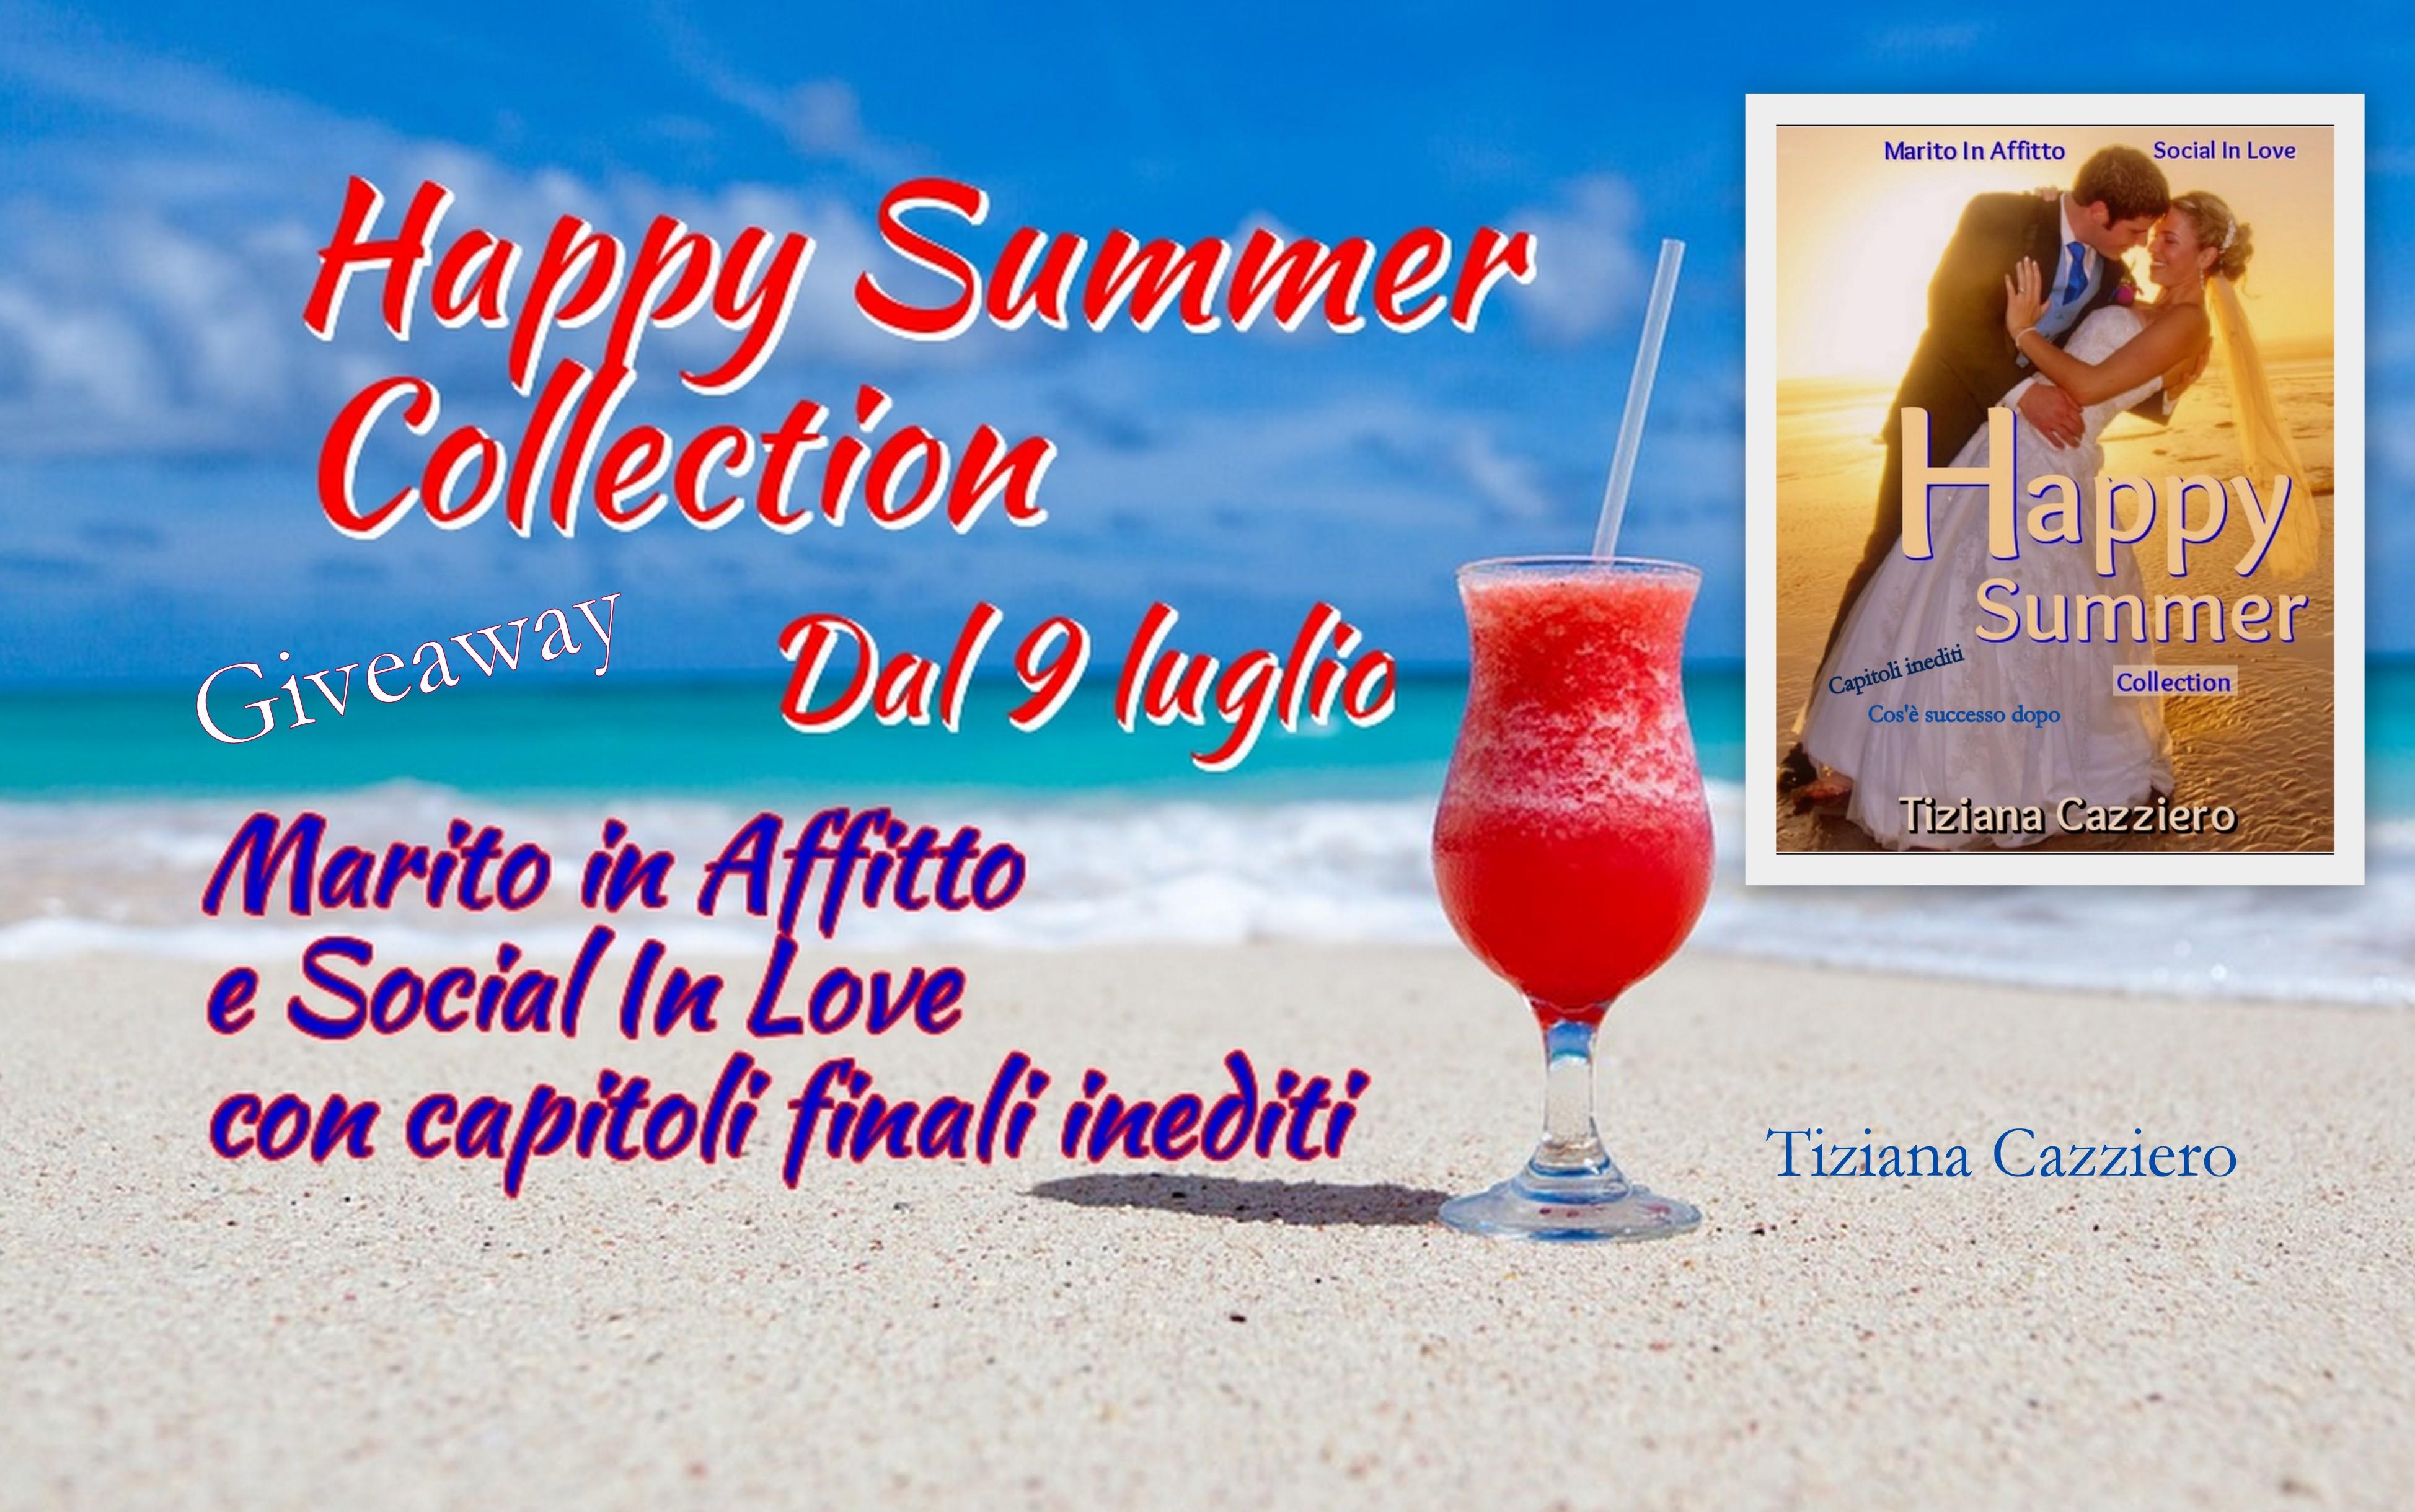 Happy Summer Collection uscita con giveaway il 9 luglio